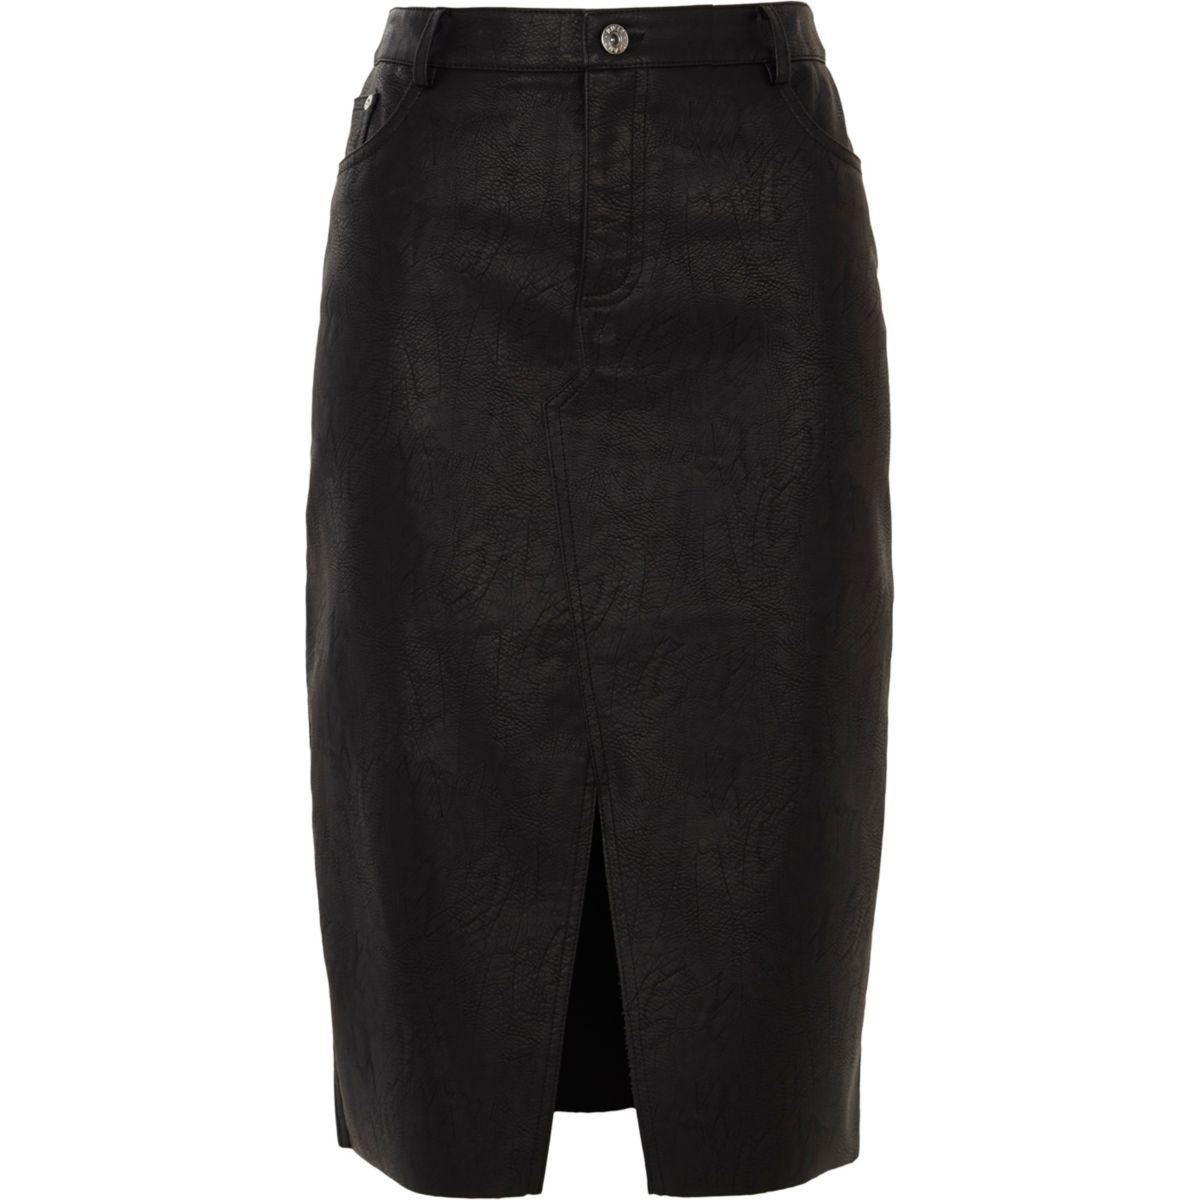 Black faux leather front split pencil skirt